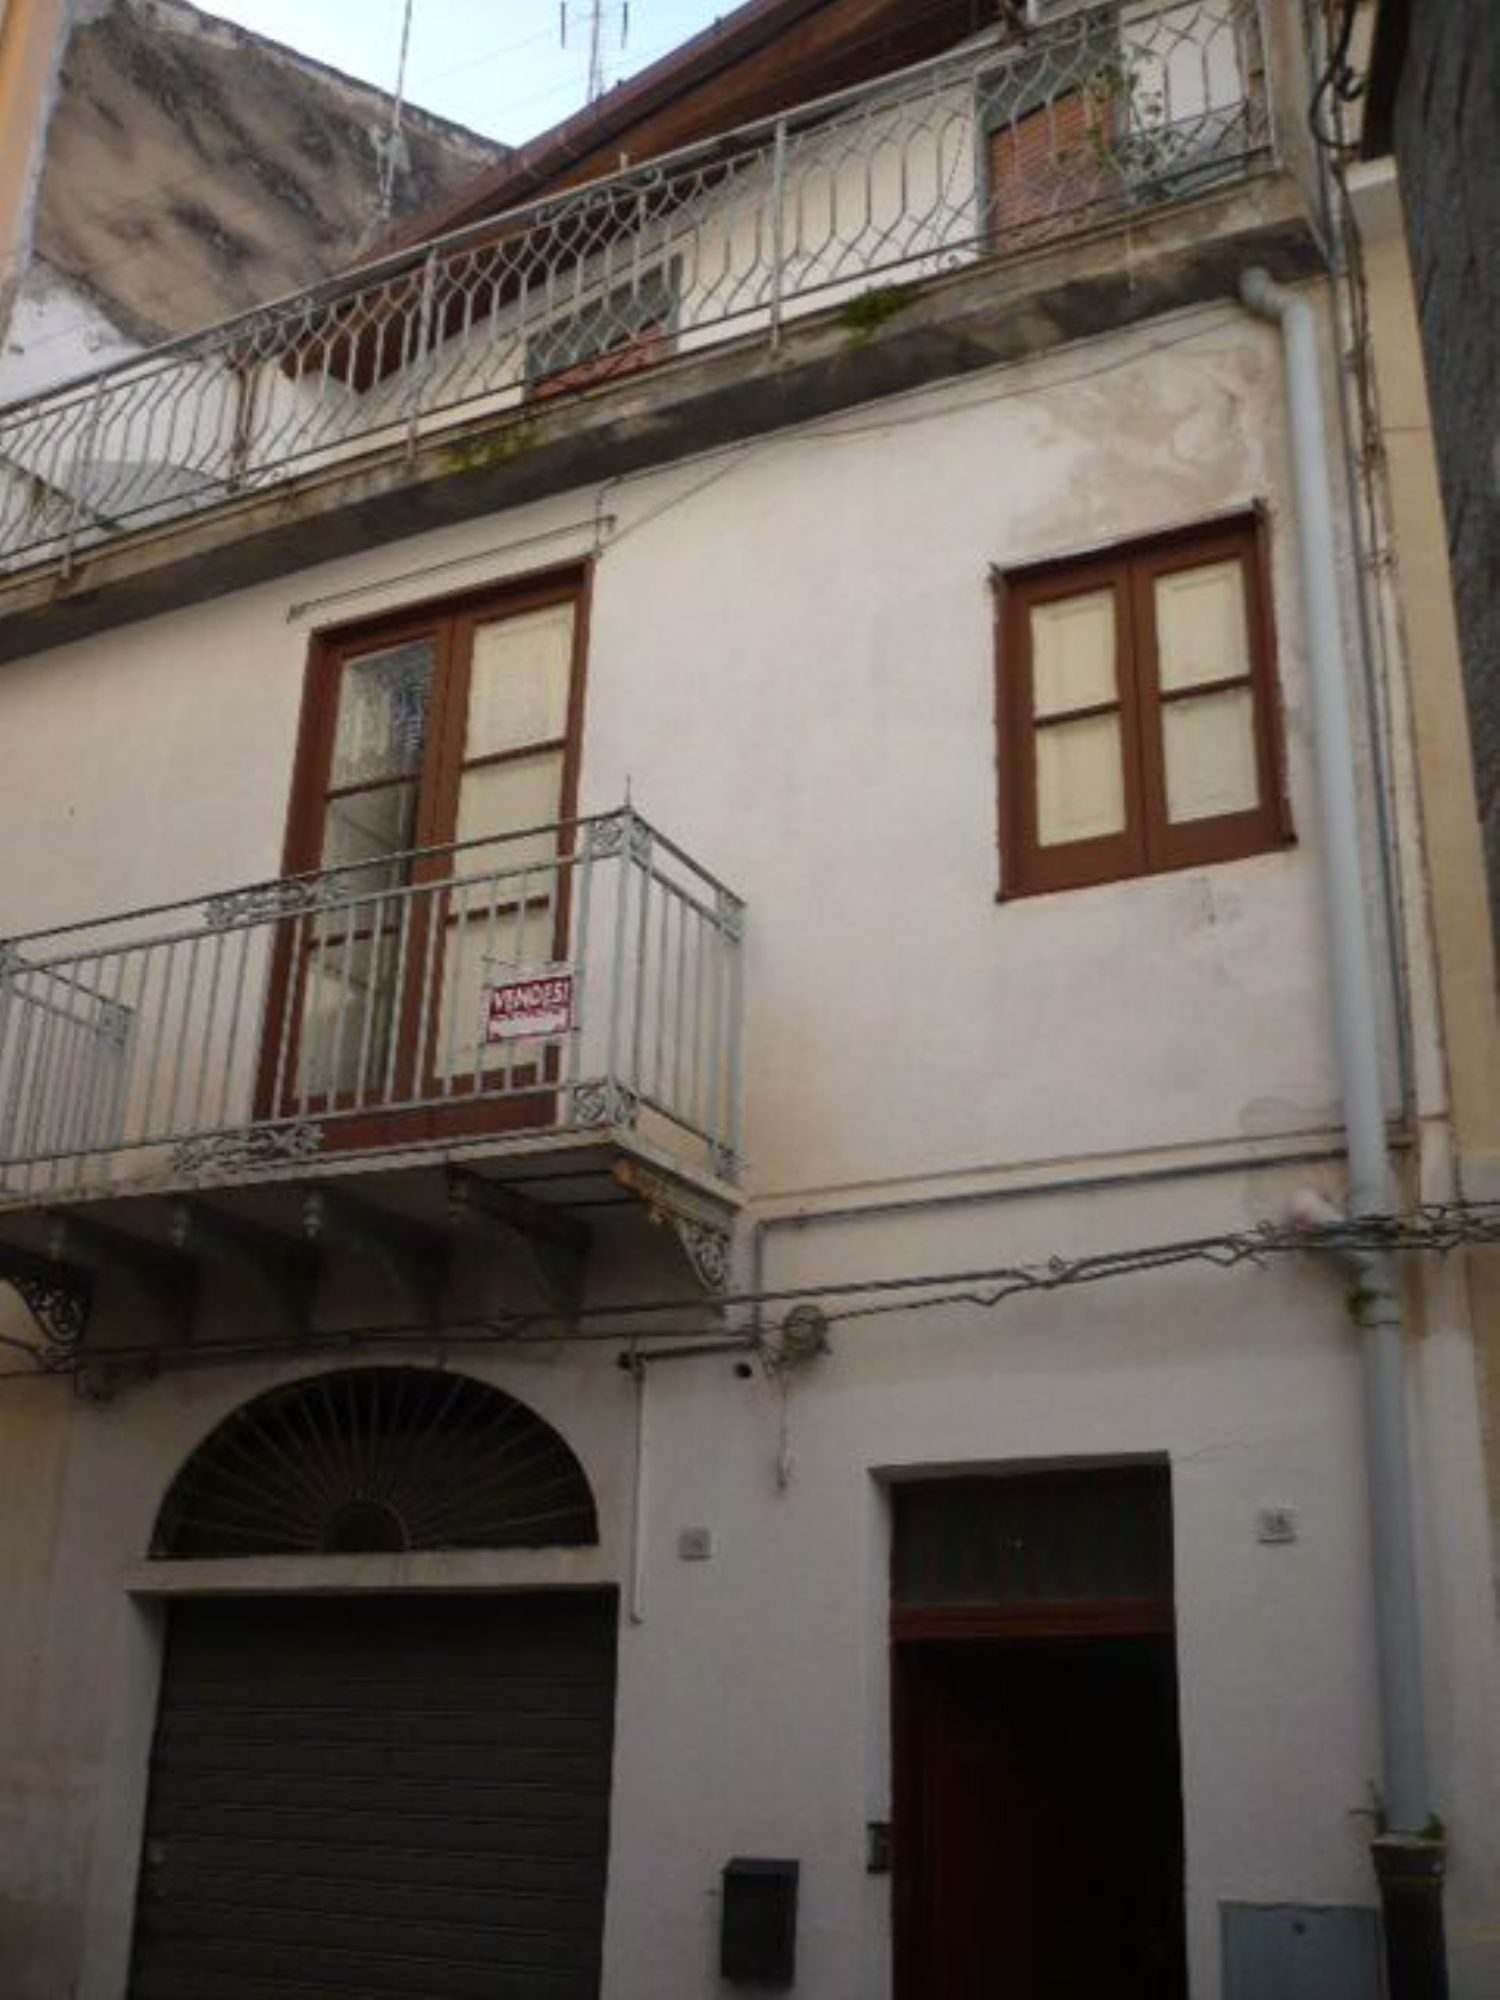 Soluzione Indipendente in vendita a Termini Imerese, 3 locali, prezzo € 45.000 | CambioCasa.it